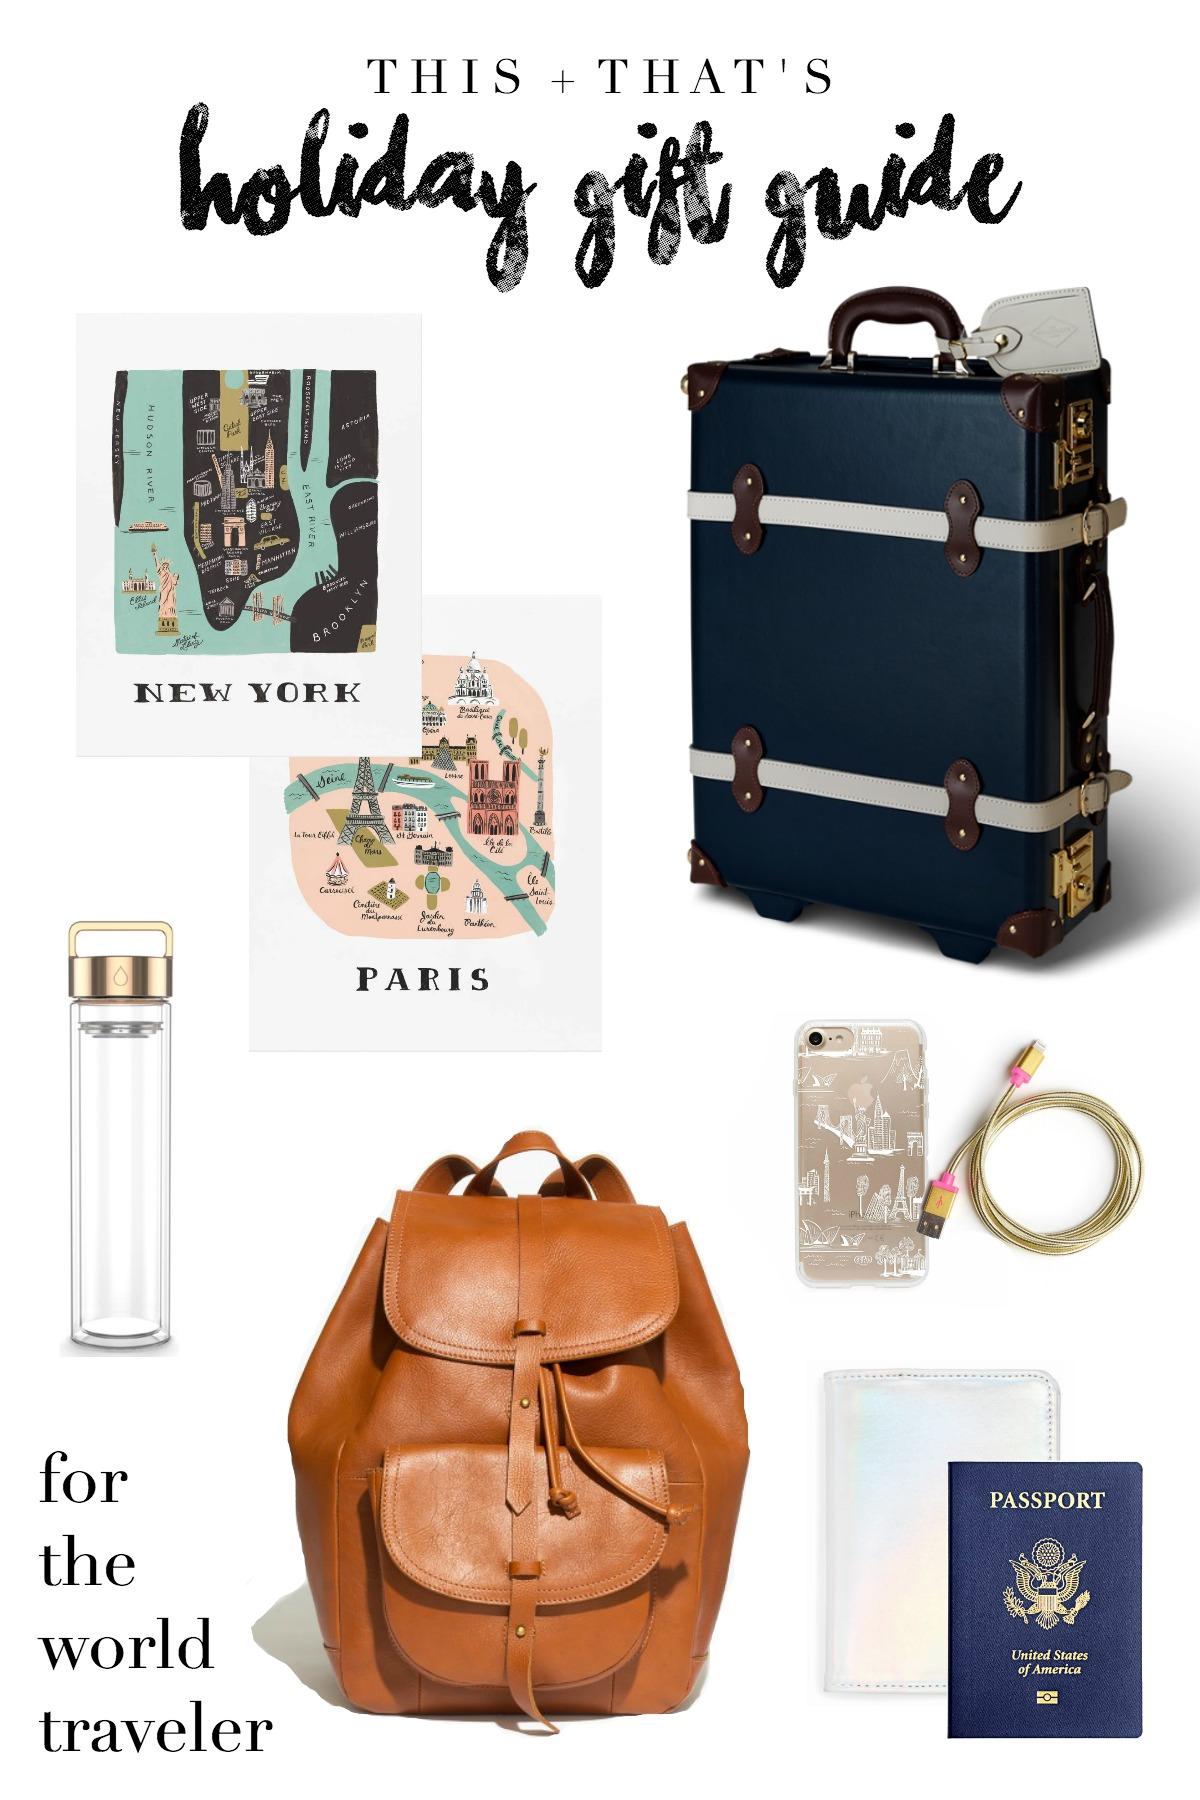 T+T world traveler gift guide 2016.jpg